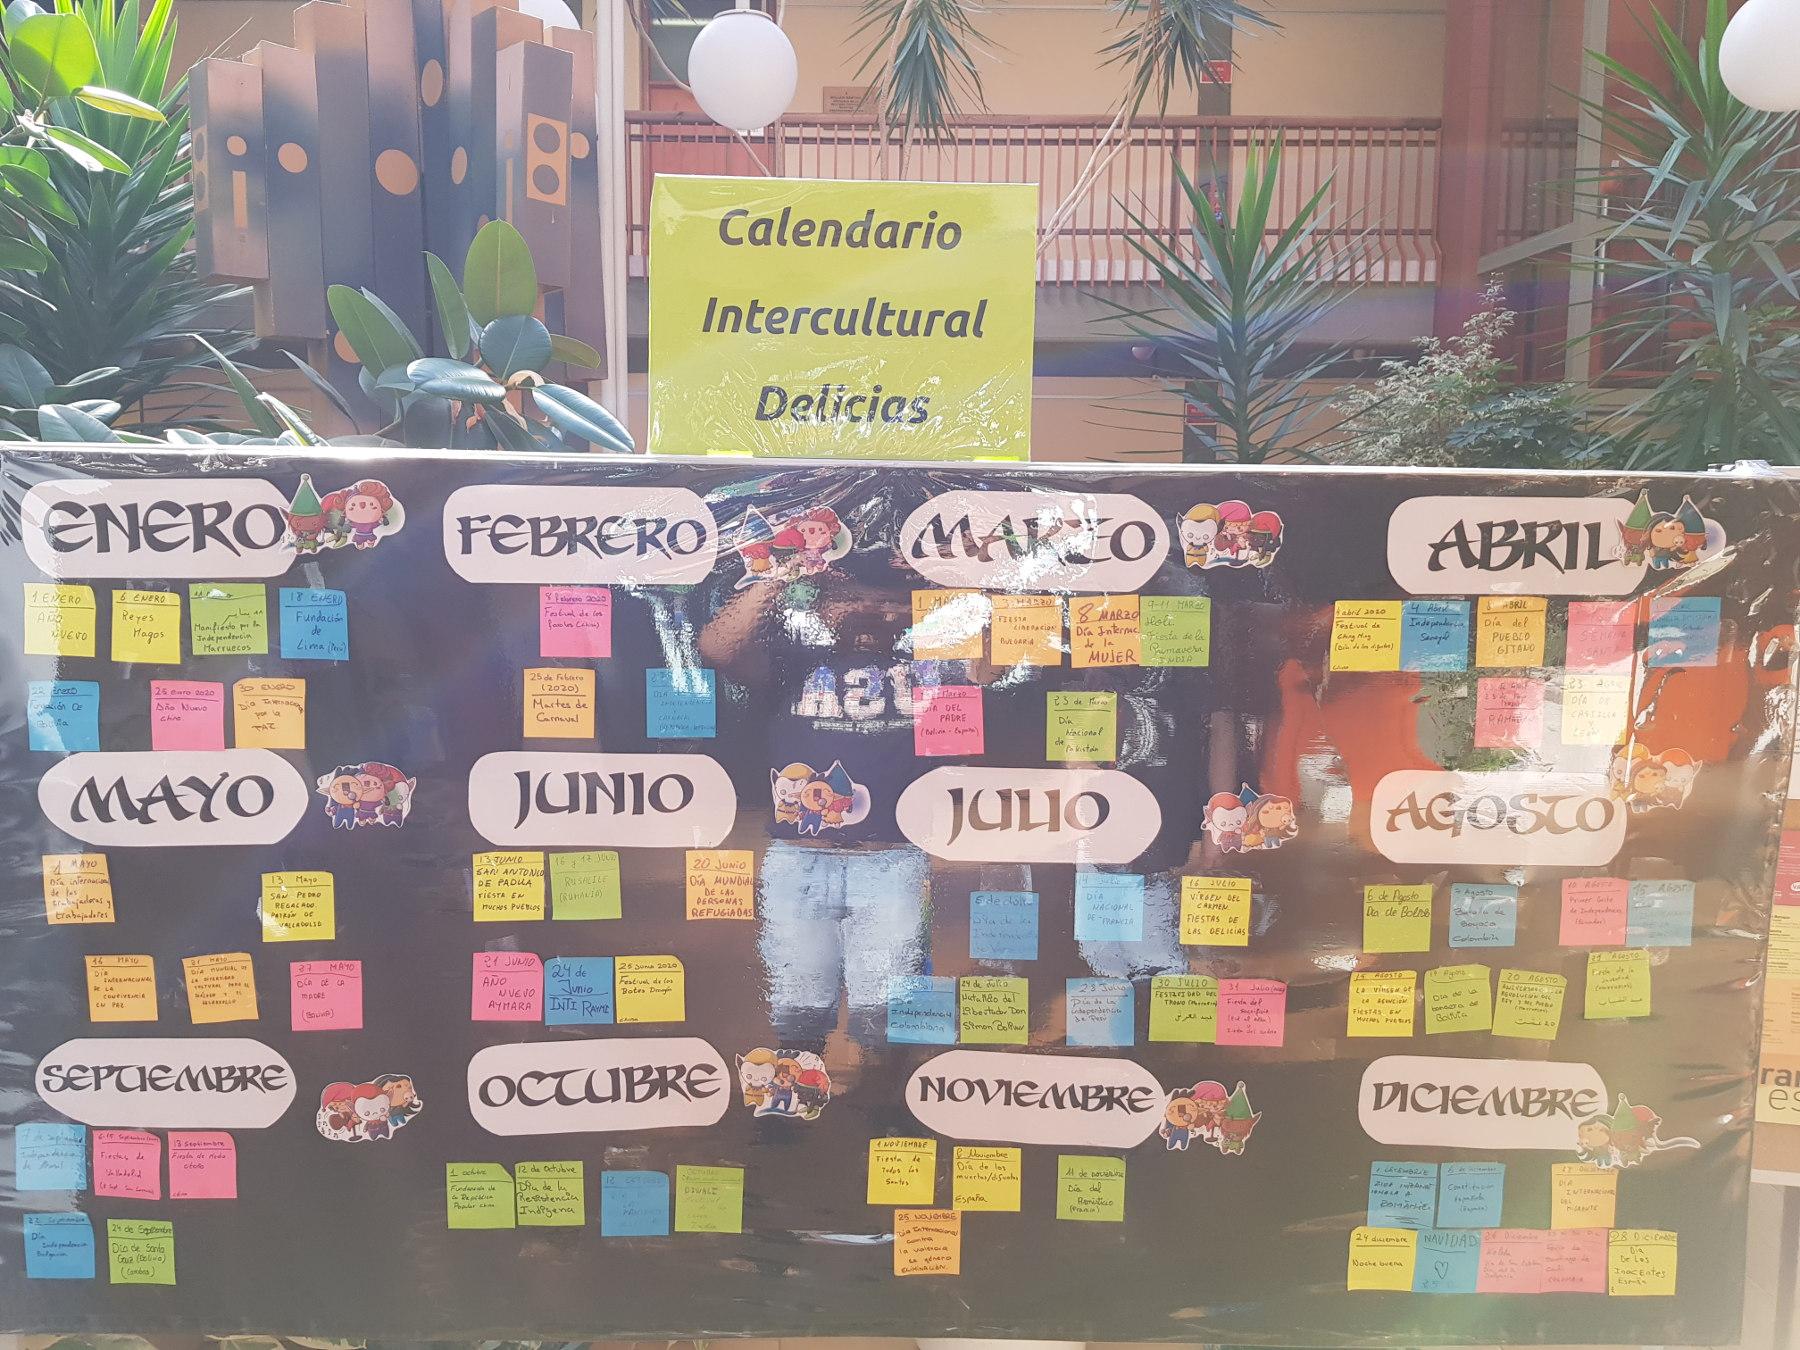 Imagen del calendario intercultural mural instalado provisionalmente en el CC Delicias